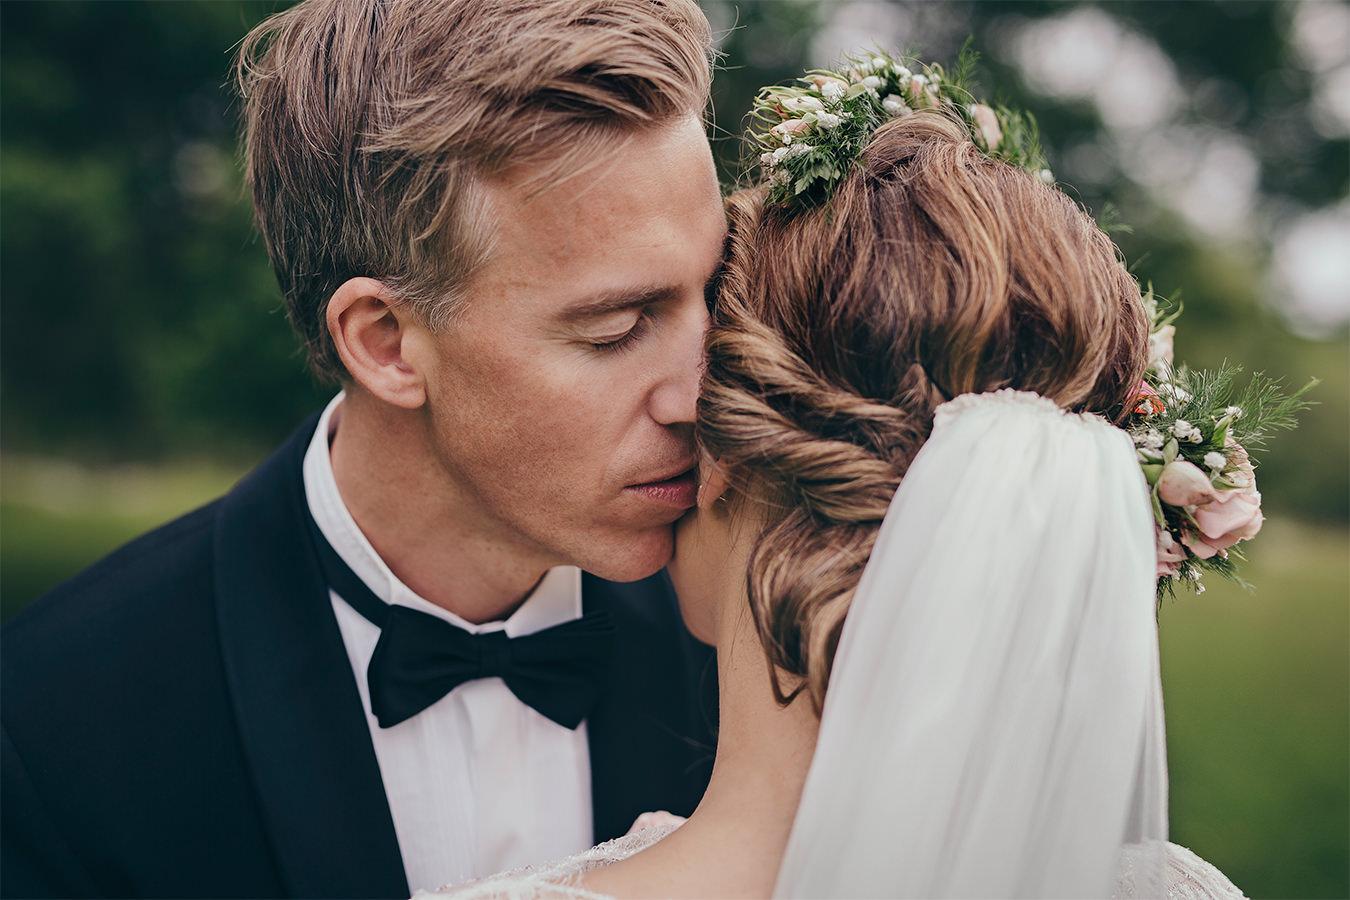 bryllupsbilde-blikkfangerne-fotograf-Tone-Tvedt03.jpg